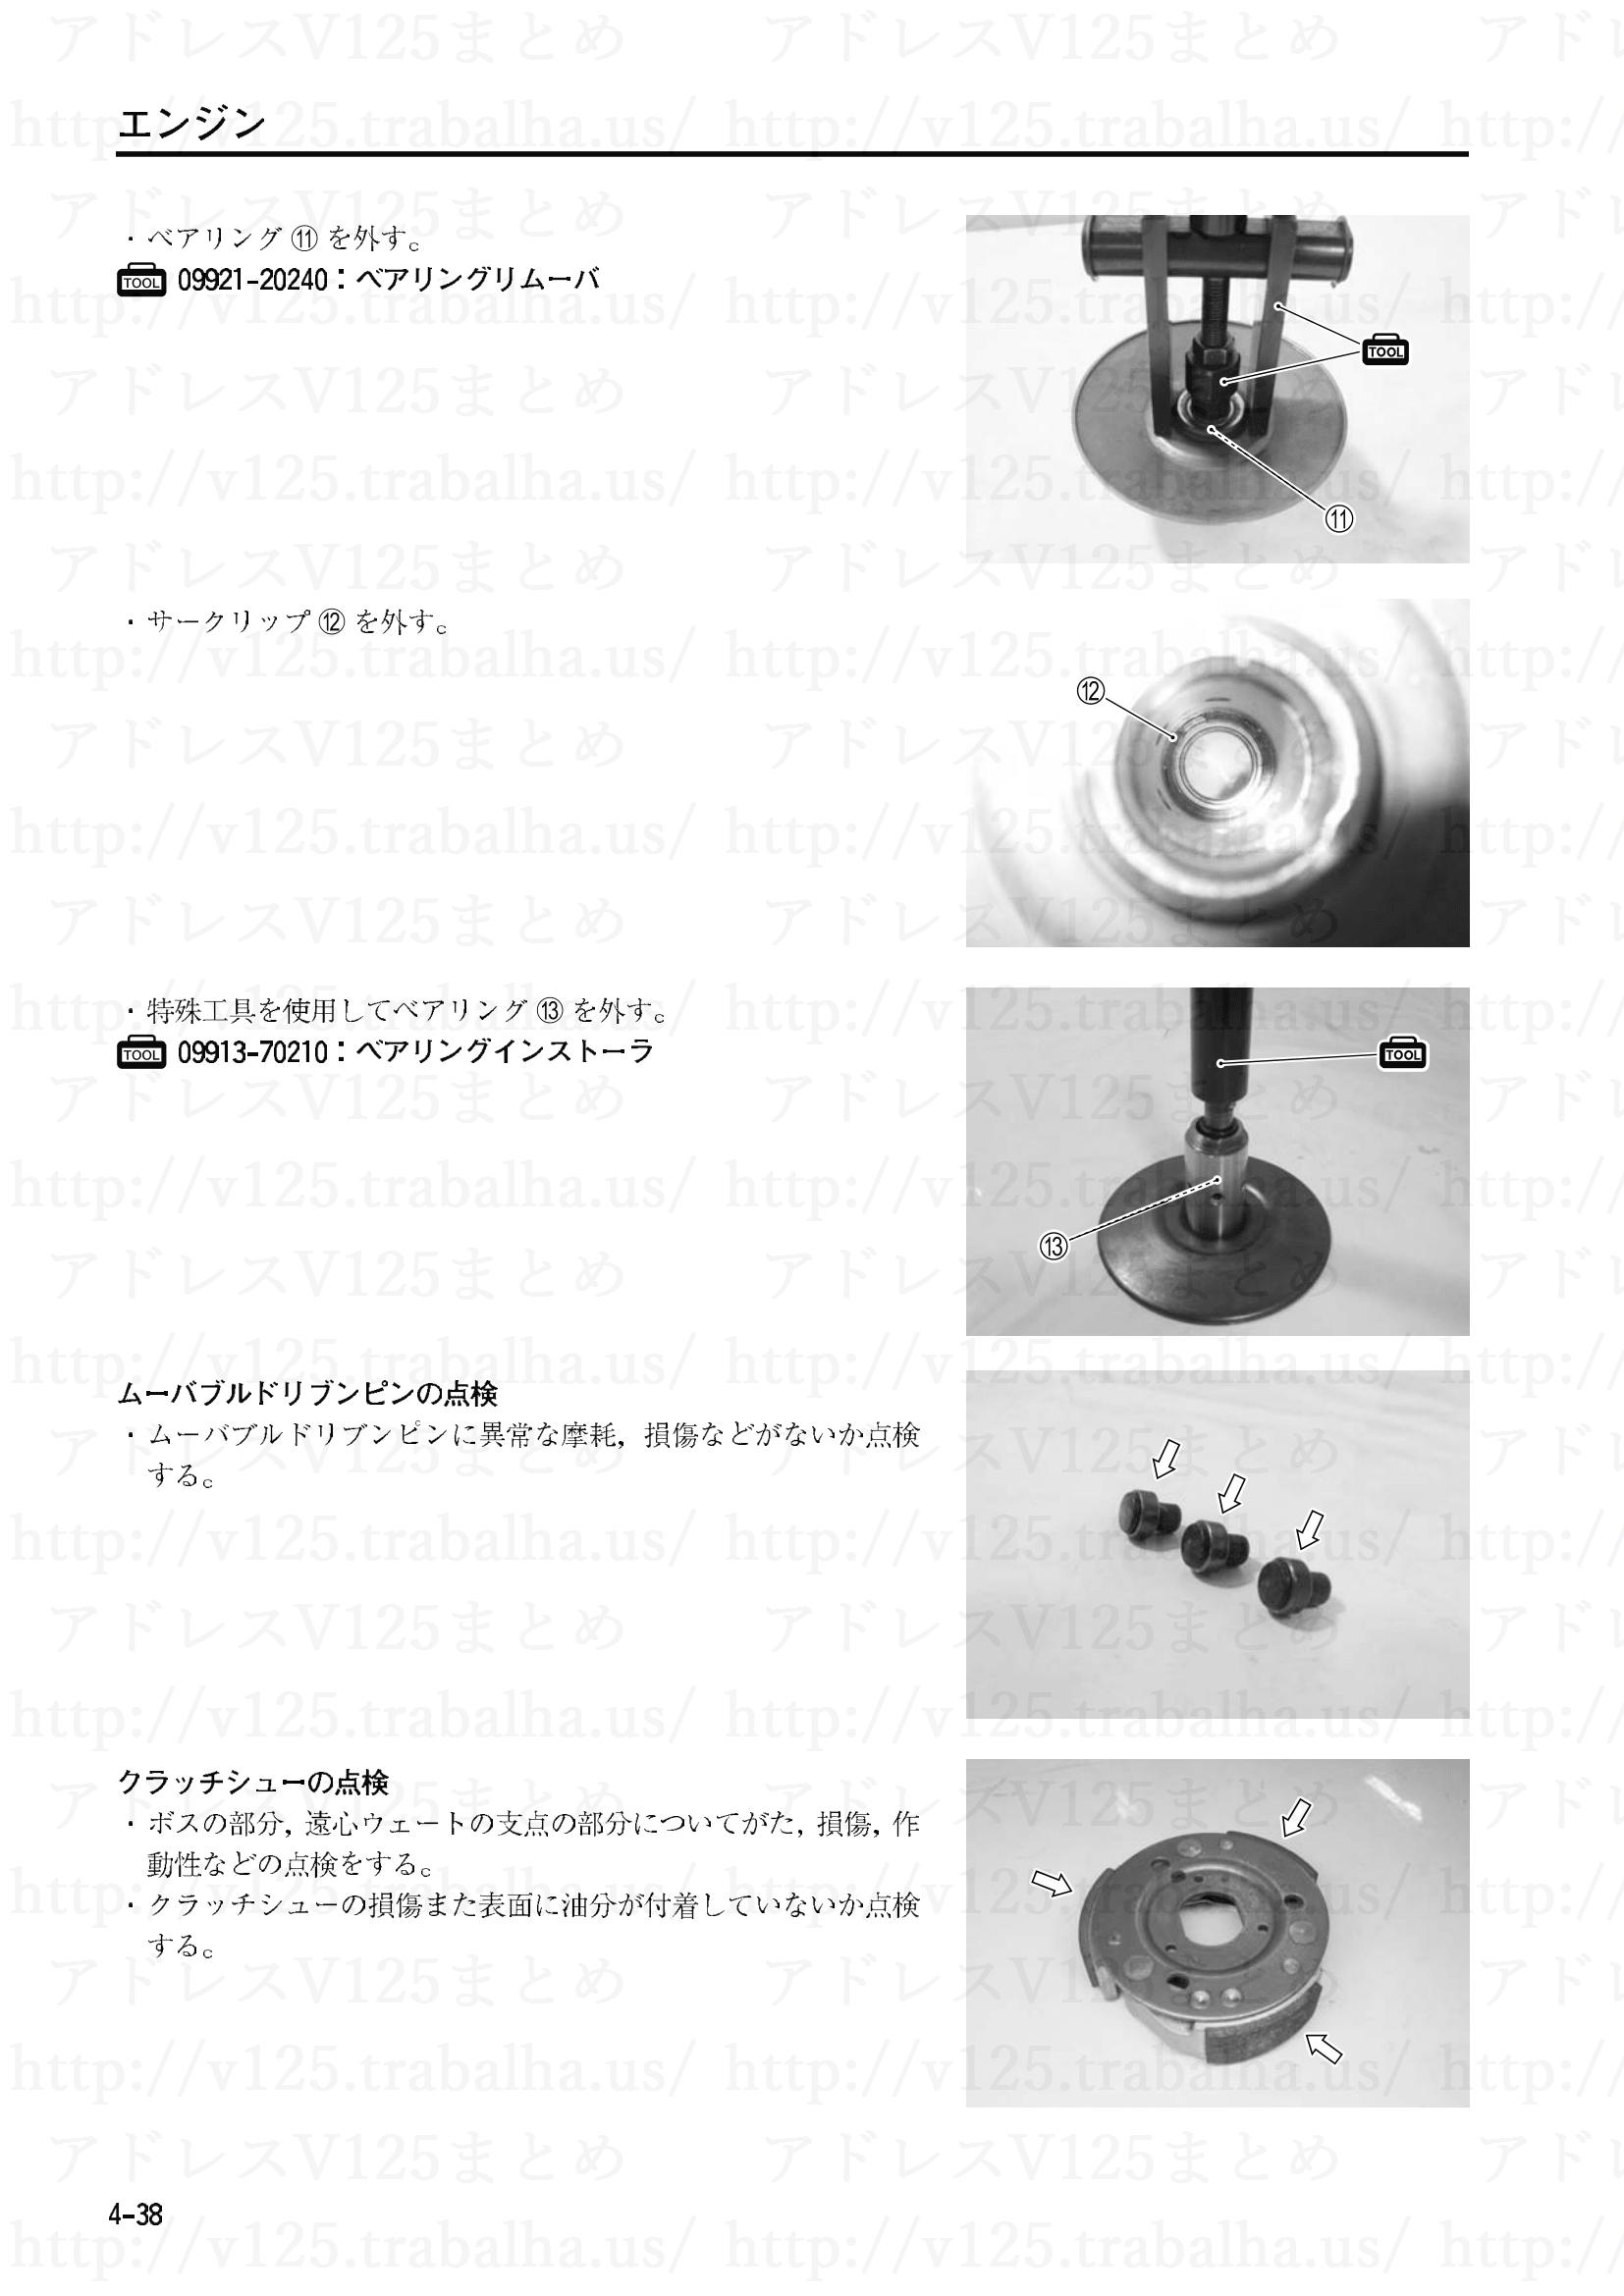 4-38【エンジン】エンジン部組部品の点検16